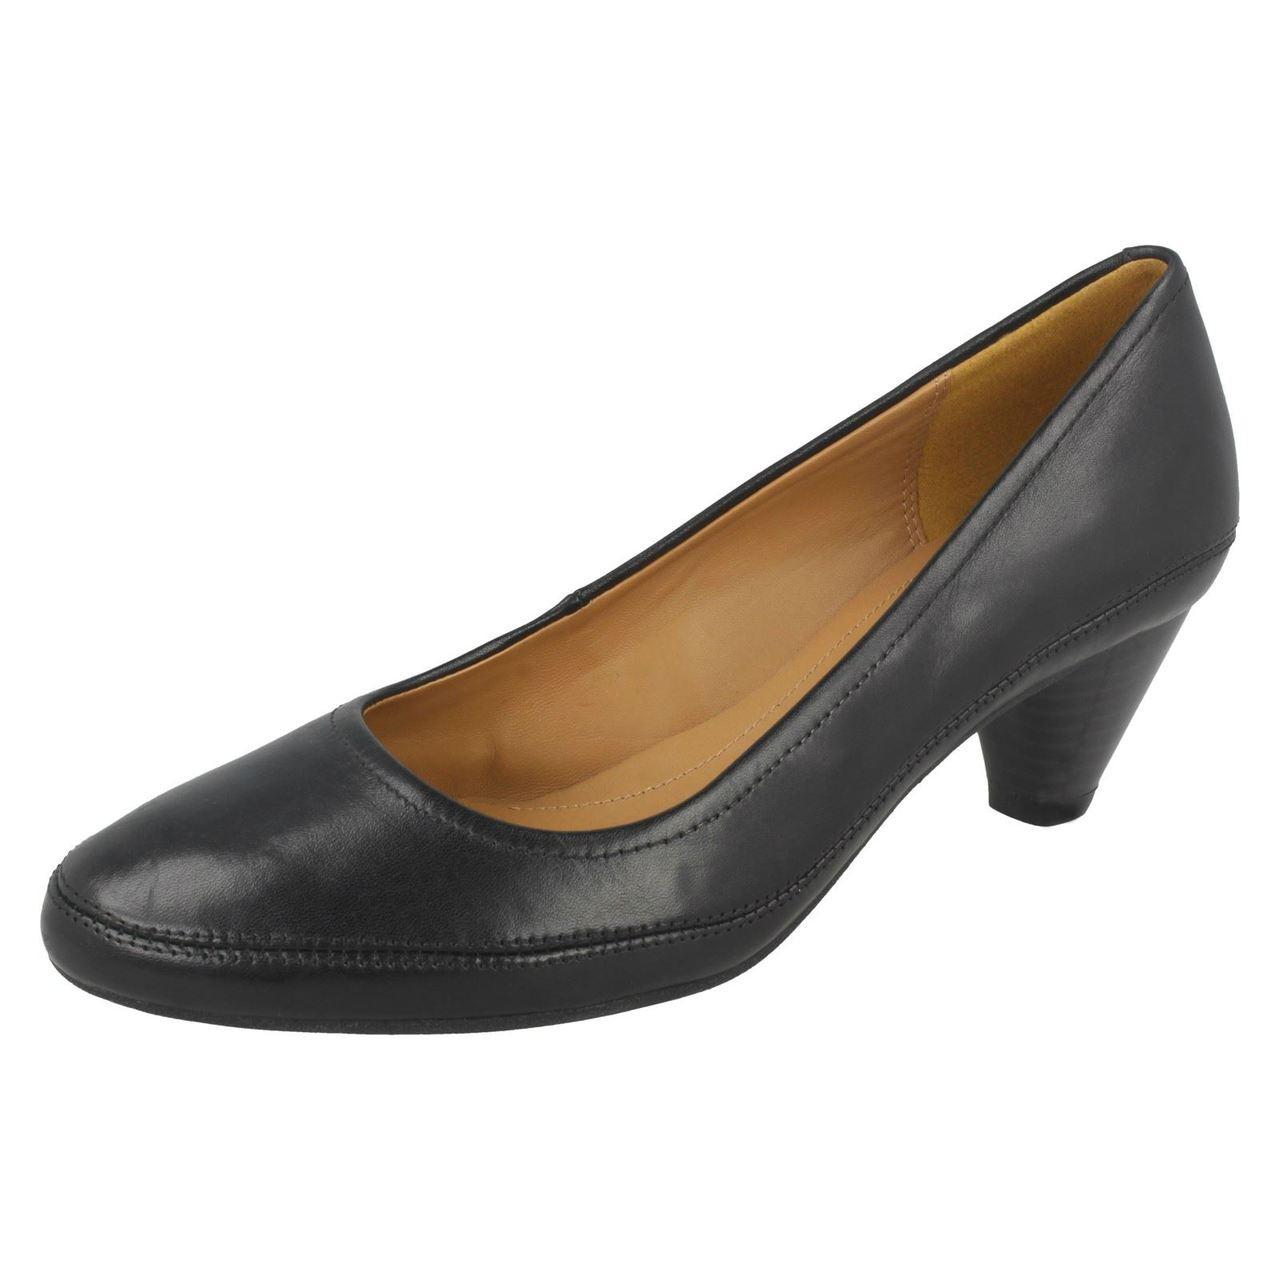 Ladies Clarks Smart Court Shoes Denny